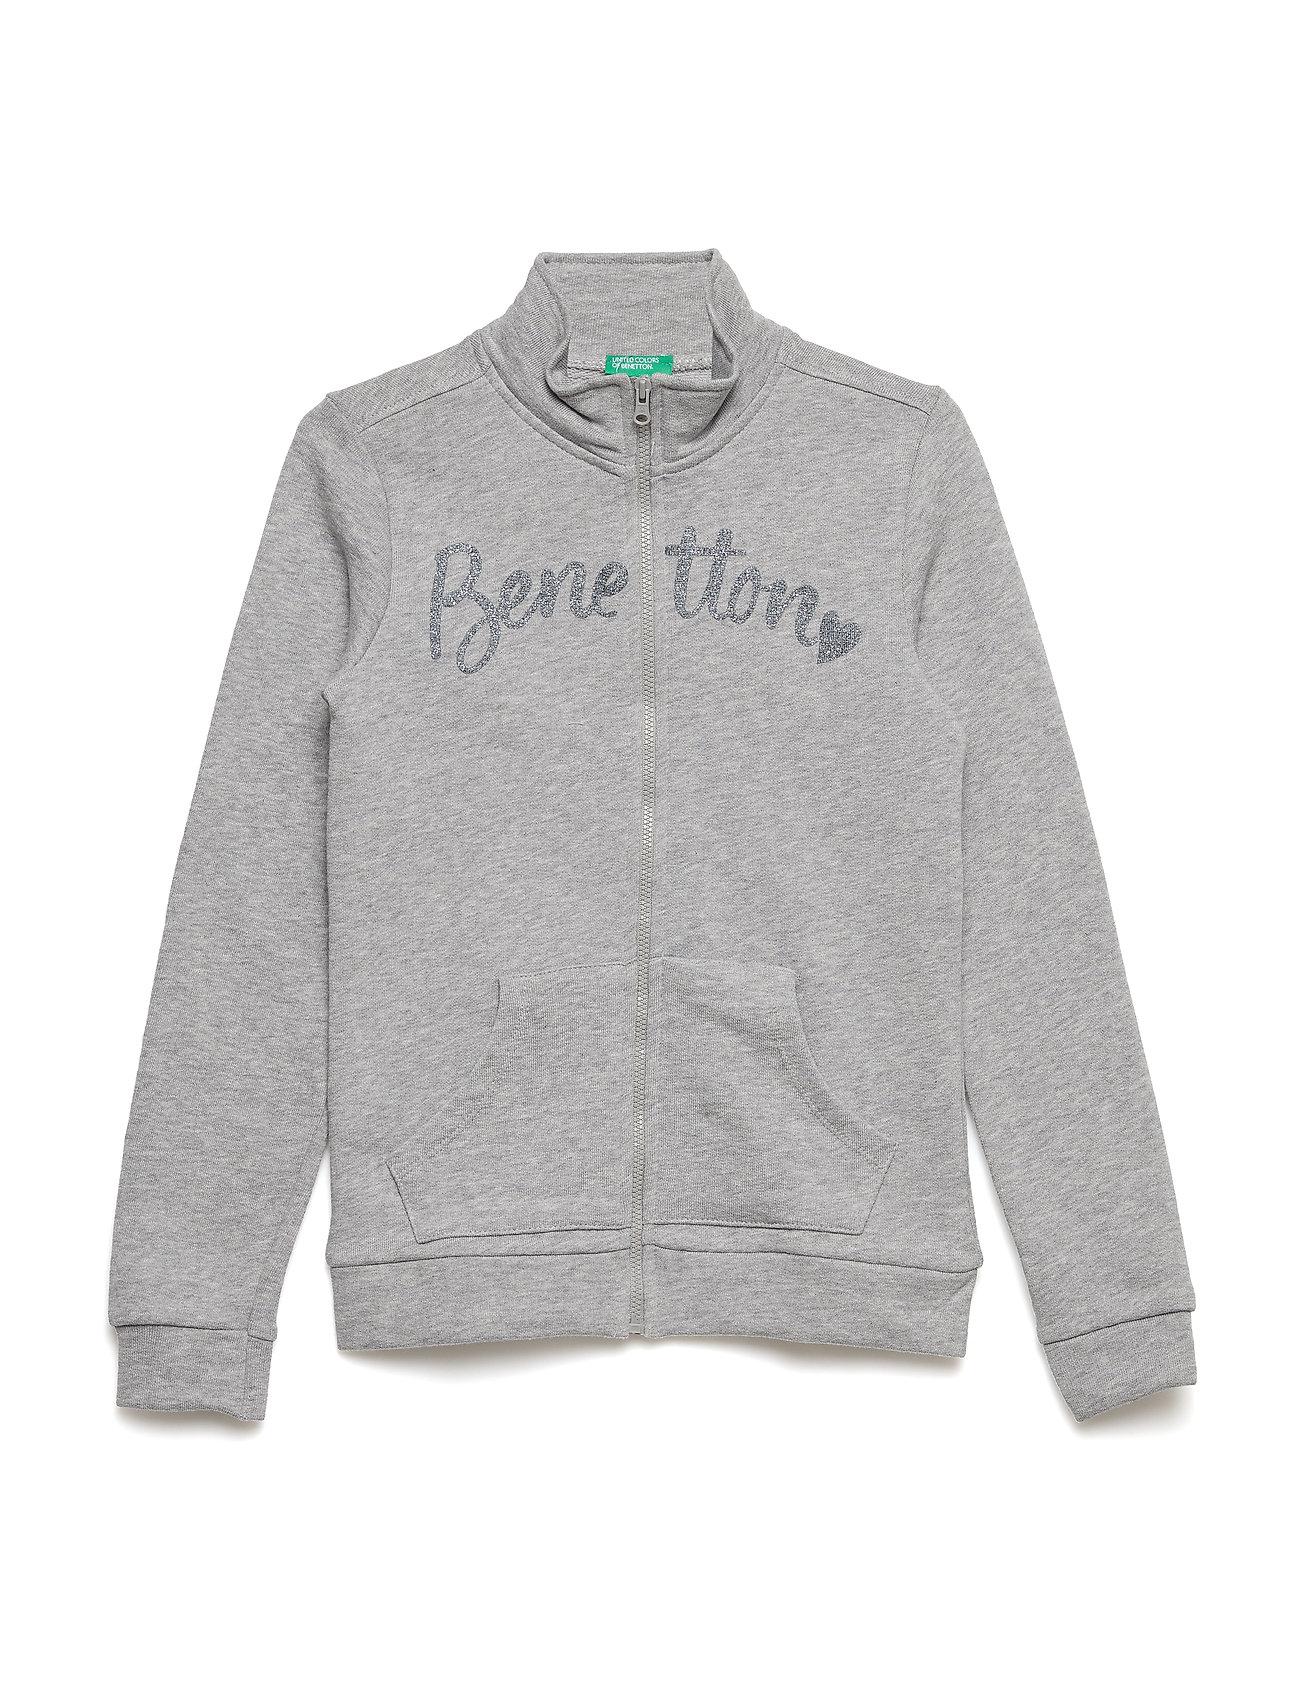 74a4fda1901e Jacket sweatshirts fra United Colors of Benetton til børn i 501 ...